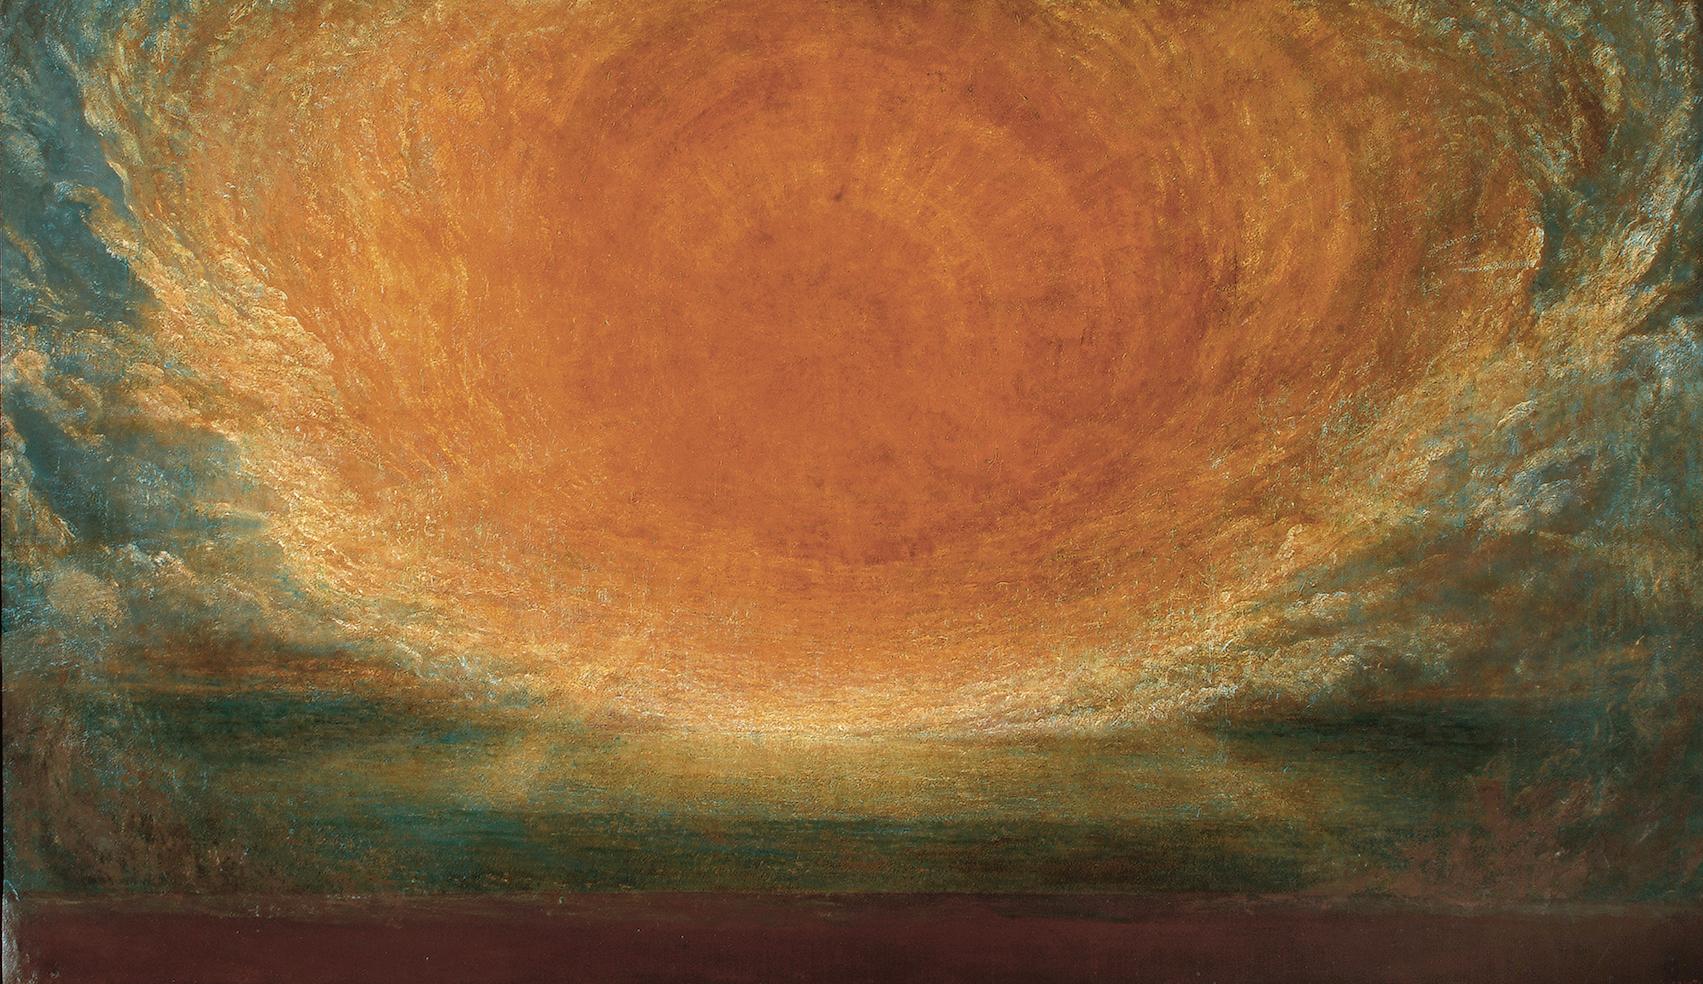 La Peinture Anglaise Du Xixe Siecle A La Fondation De L Hermitage Arteez Le Monde De L Art En Un Clic